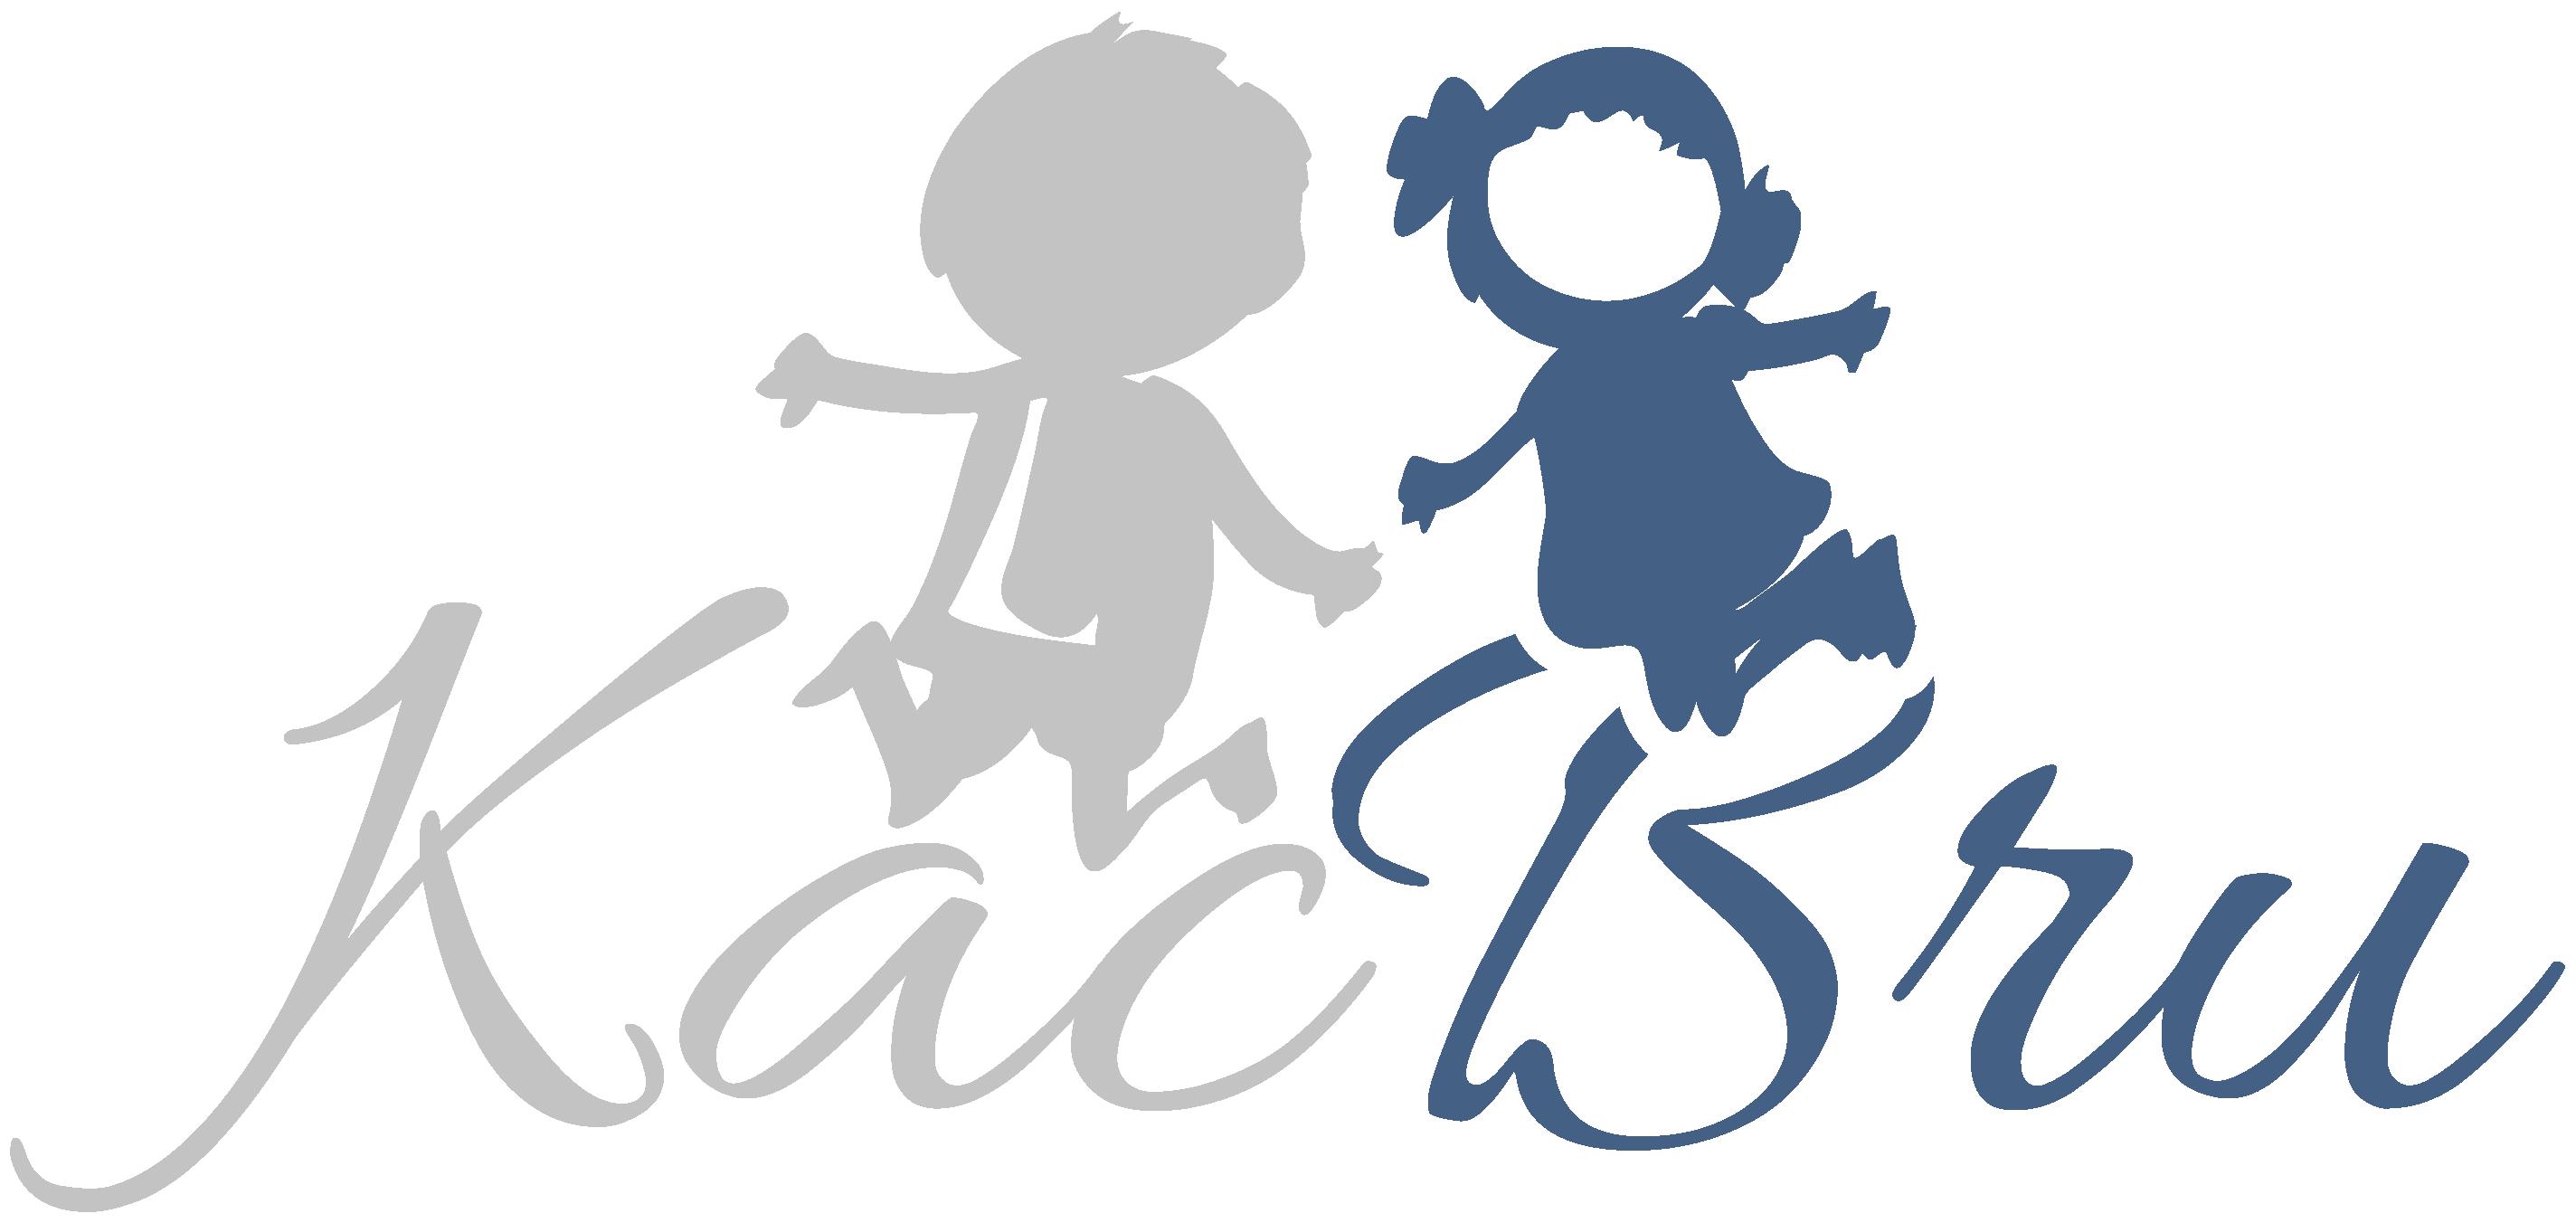 Kacbru – Wszystko dla twojego dziecka